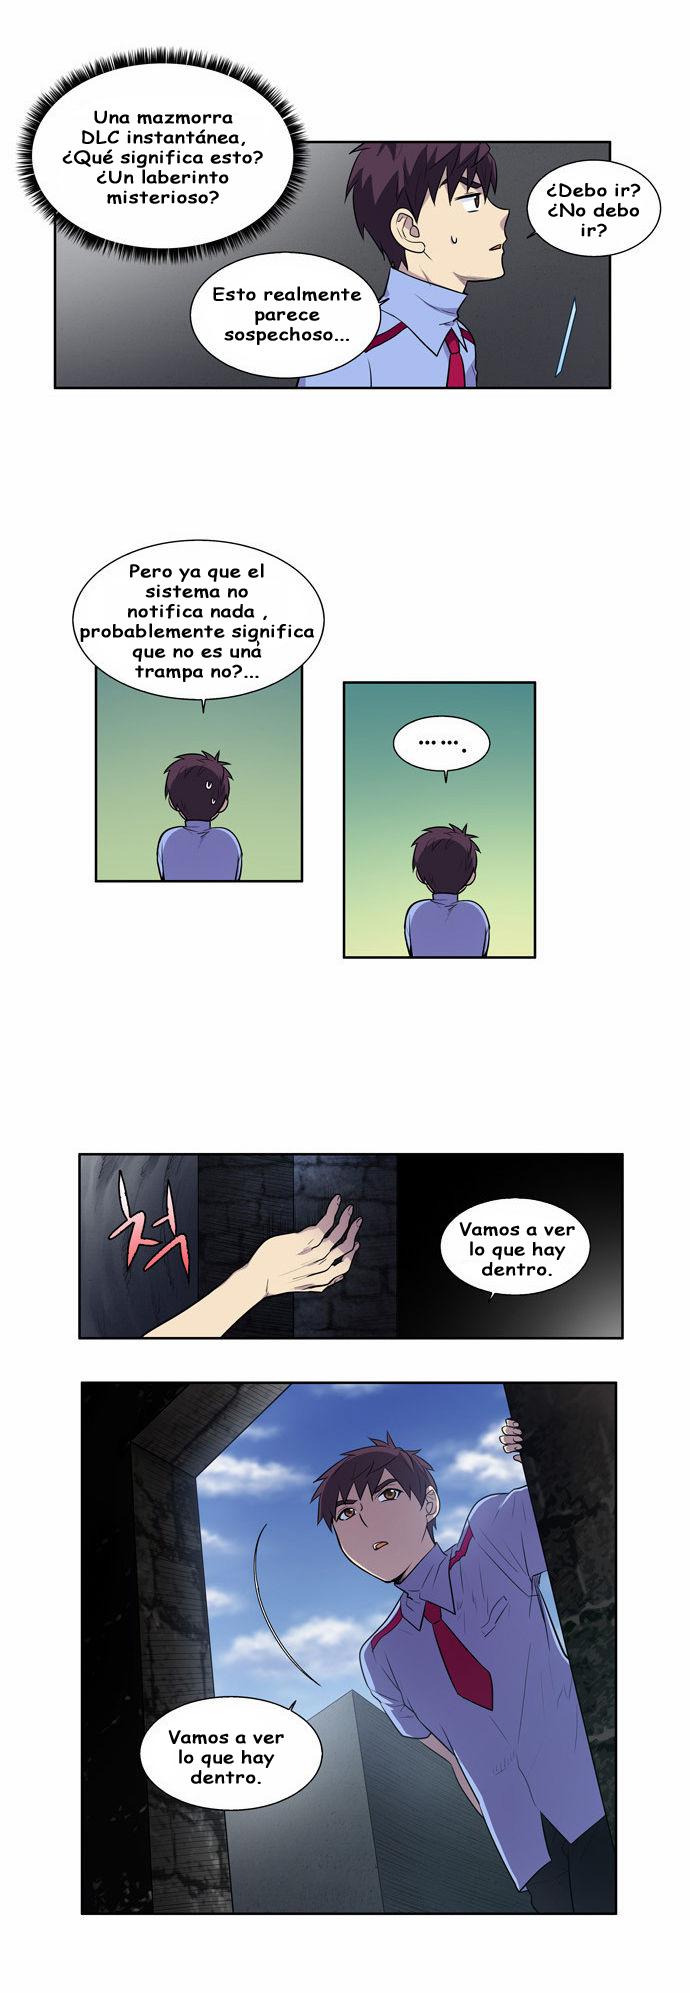 https://c5.ninemanga.com/es_manga/61/1725/396908/48cb245f831df4938c87ddae93da0a32.jpg Page 4